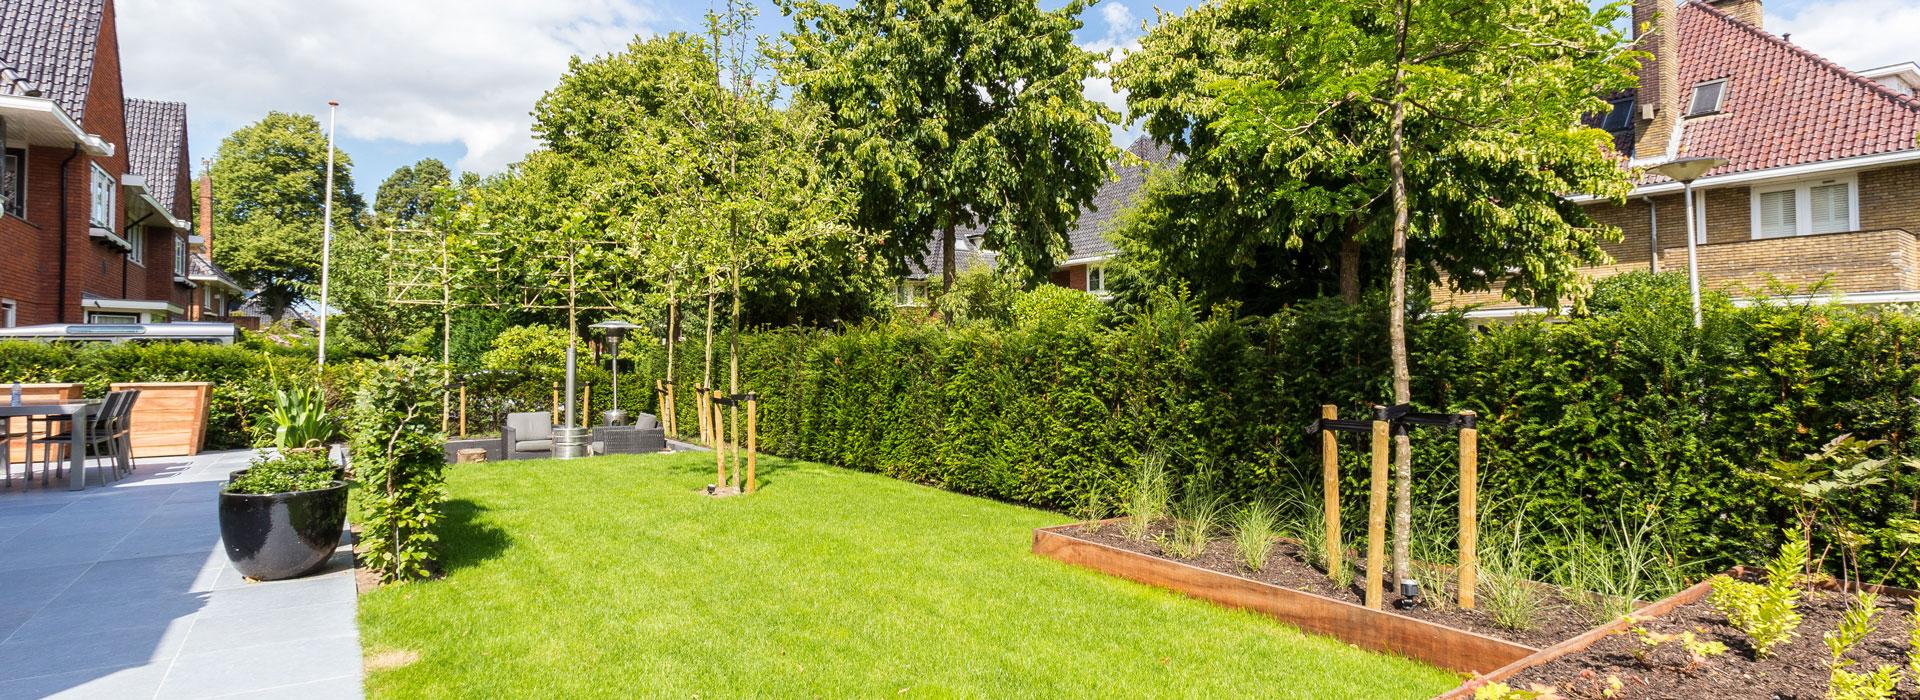 Tuin met bestrating en gras